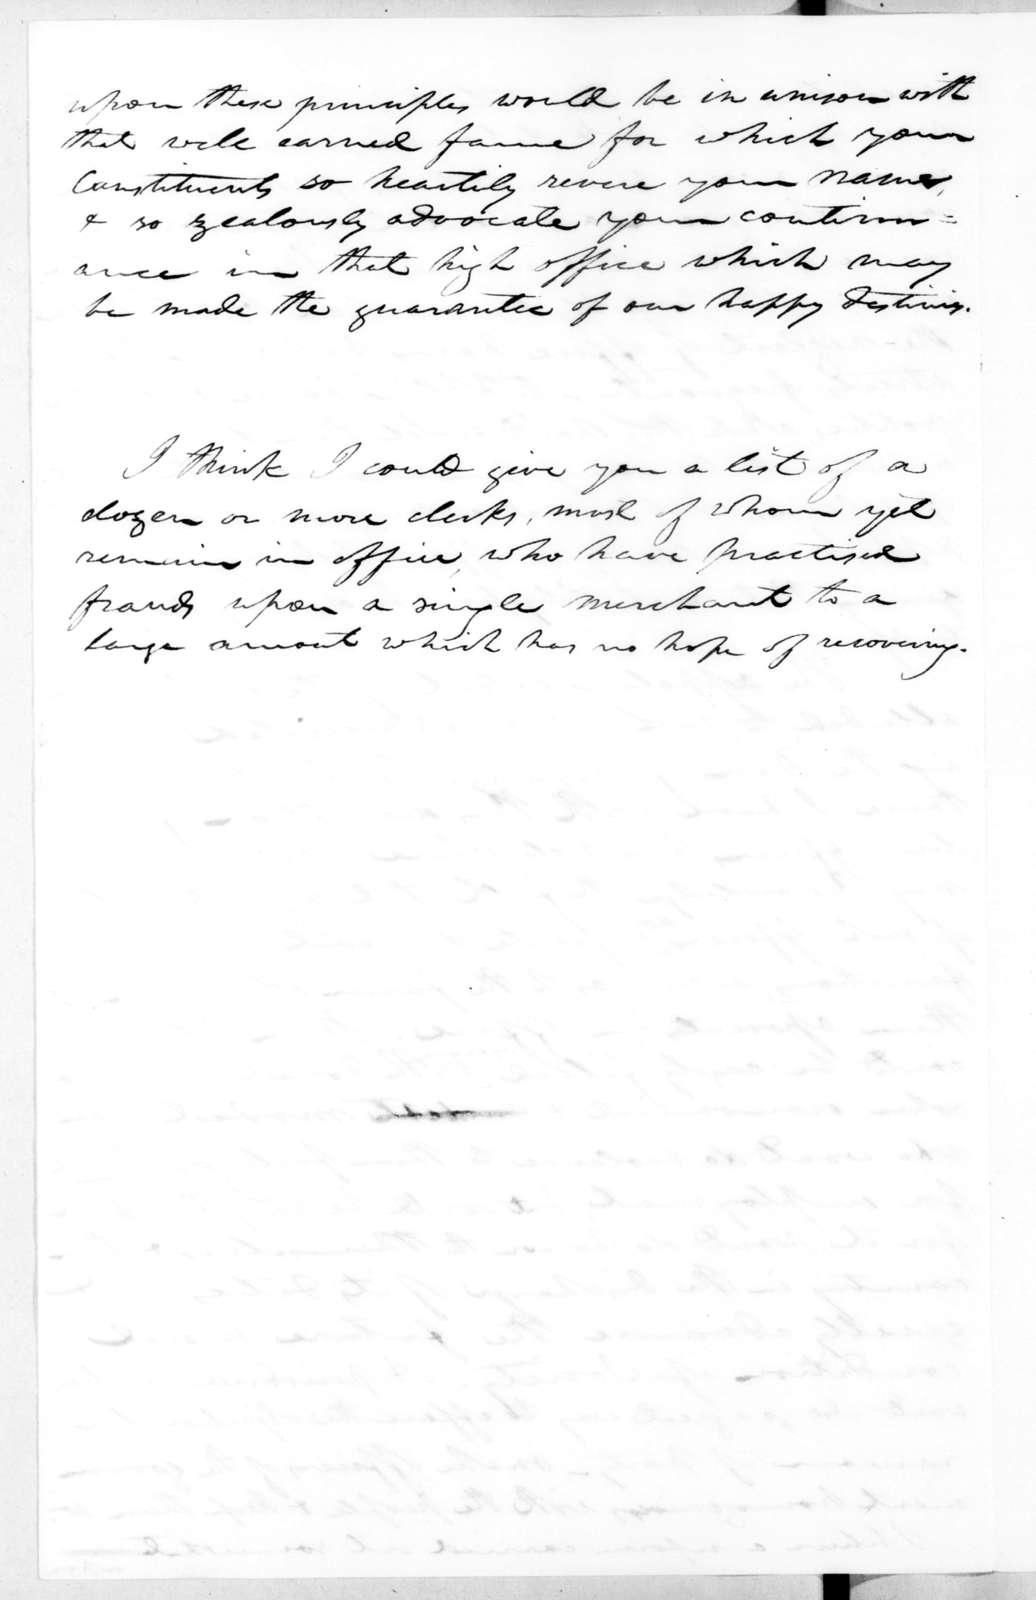 Robert Mayo to Andrew Jackson, June 3, 1831